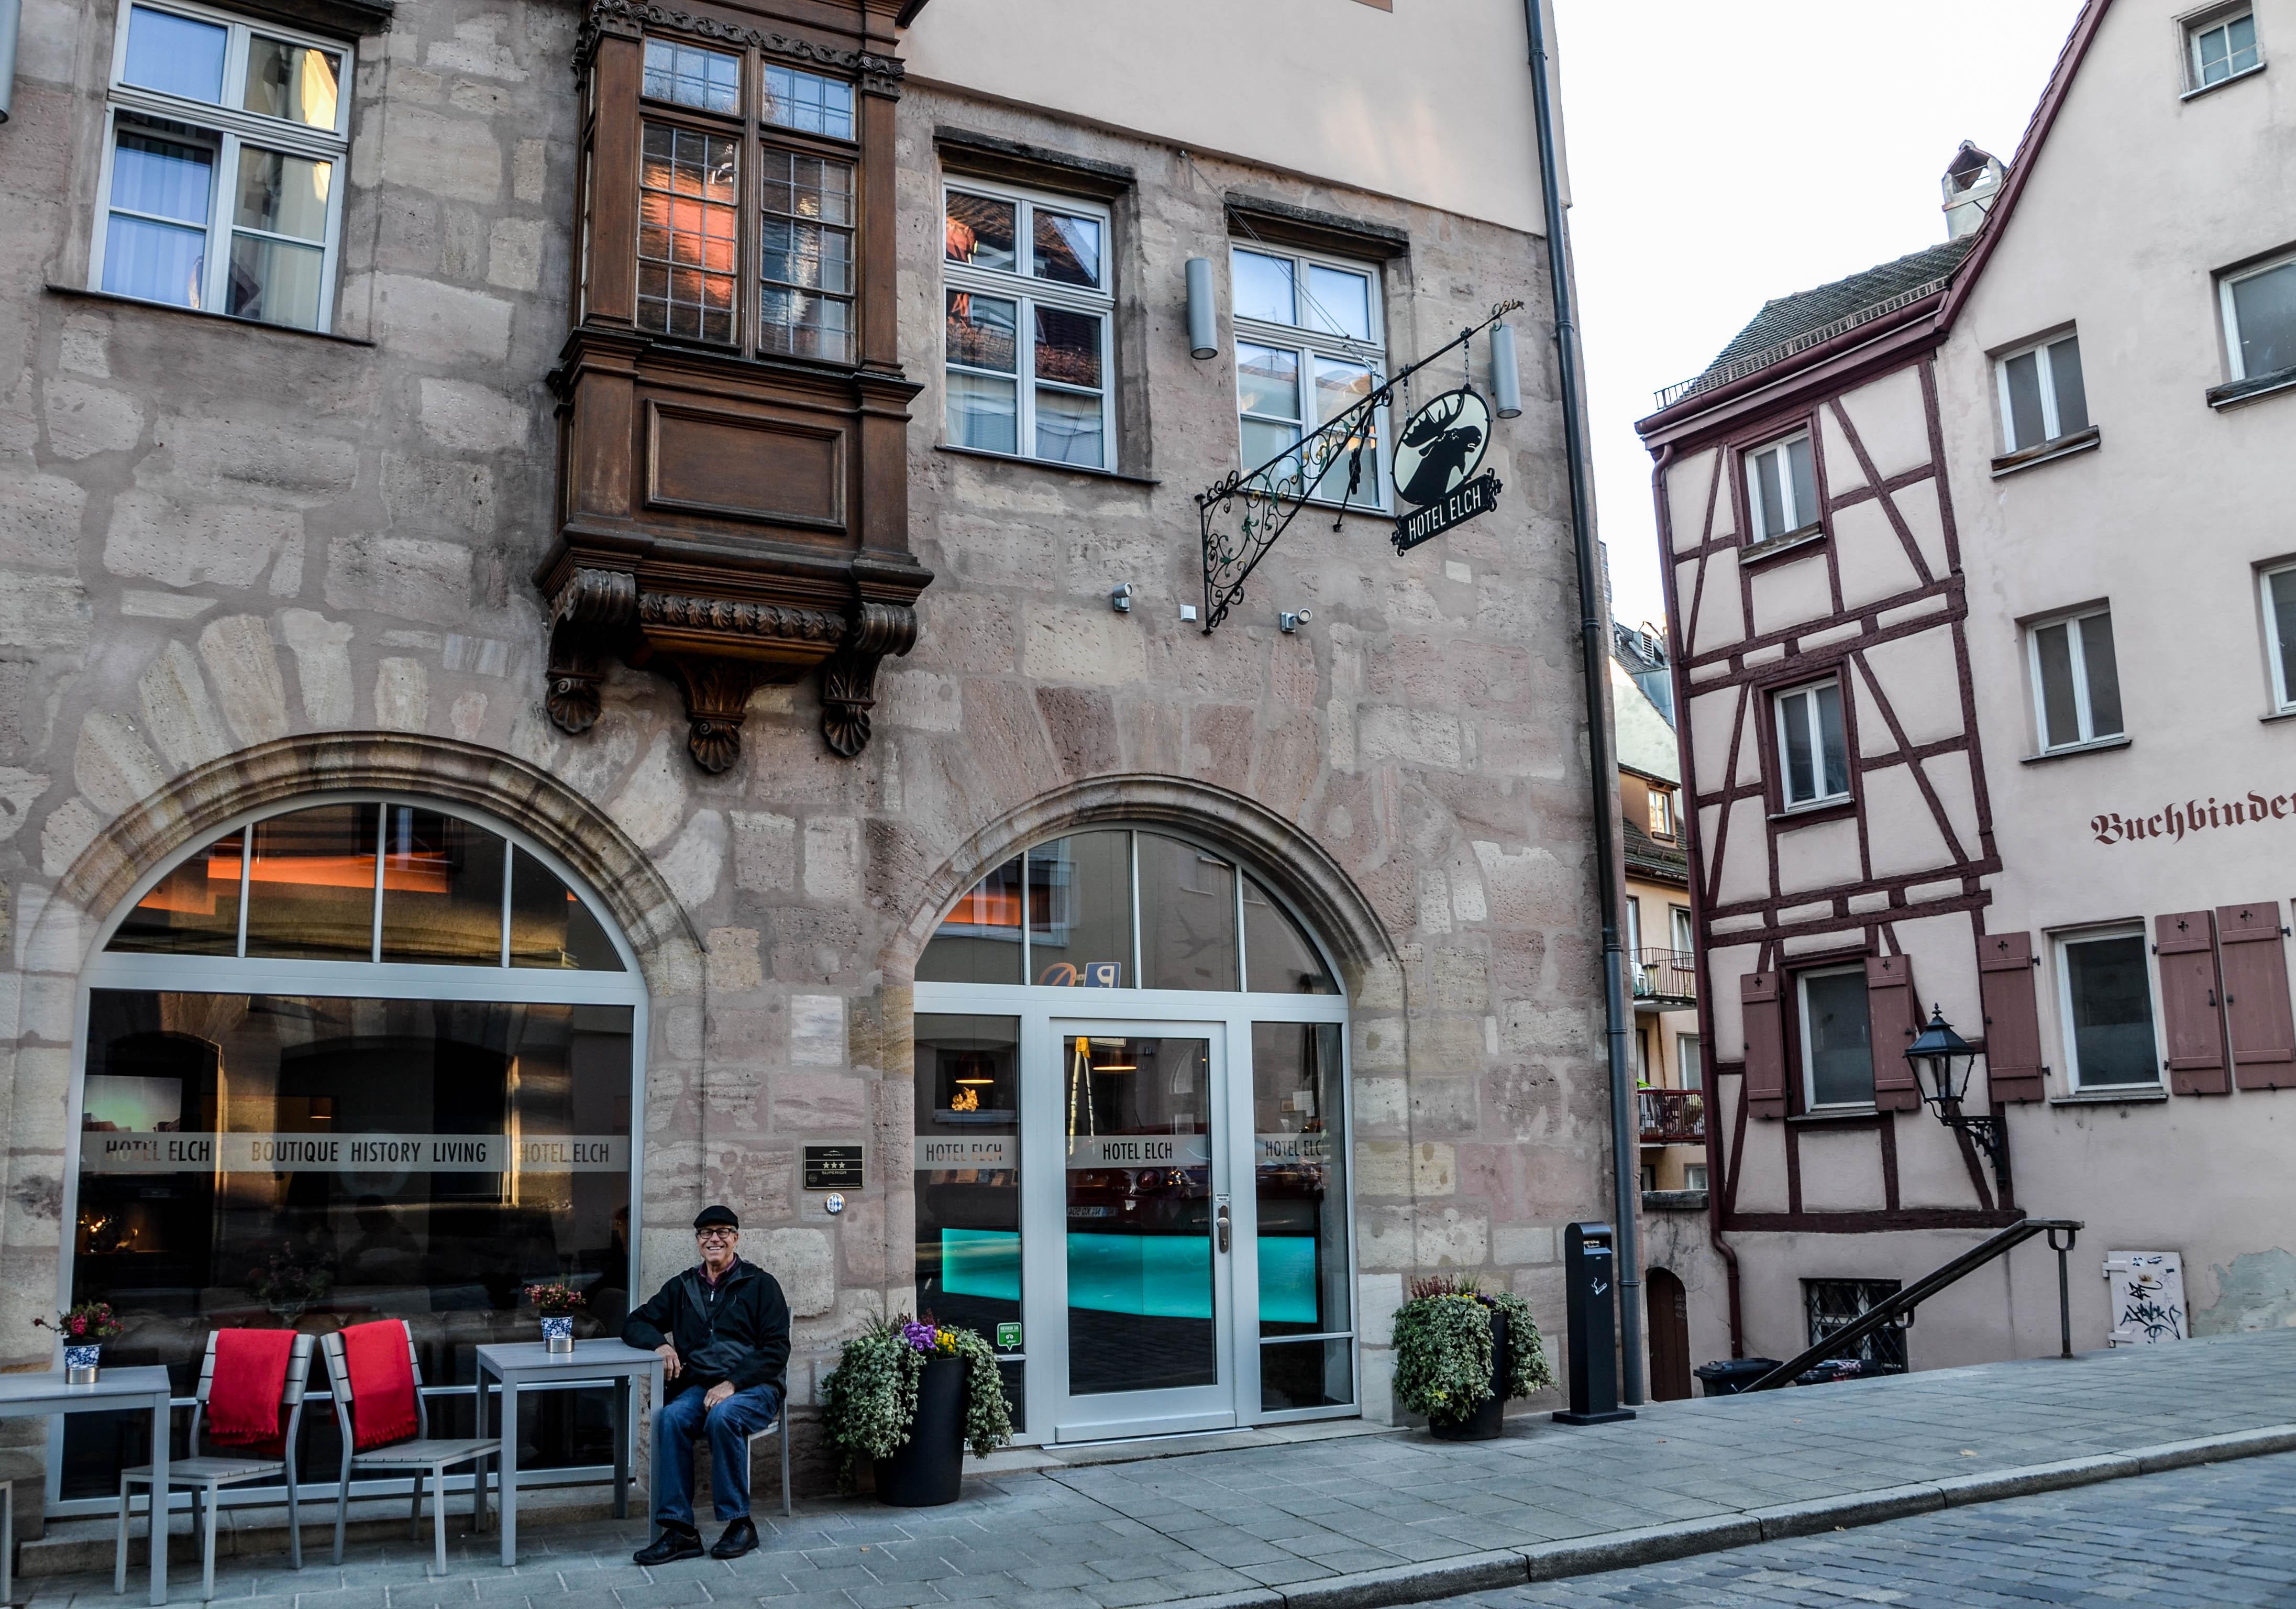 Hotel Elch Nuremberg